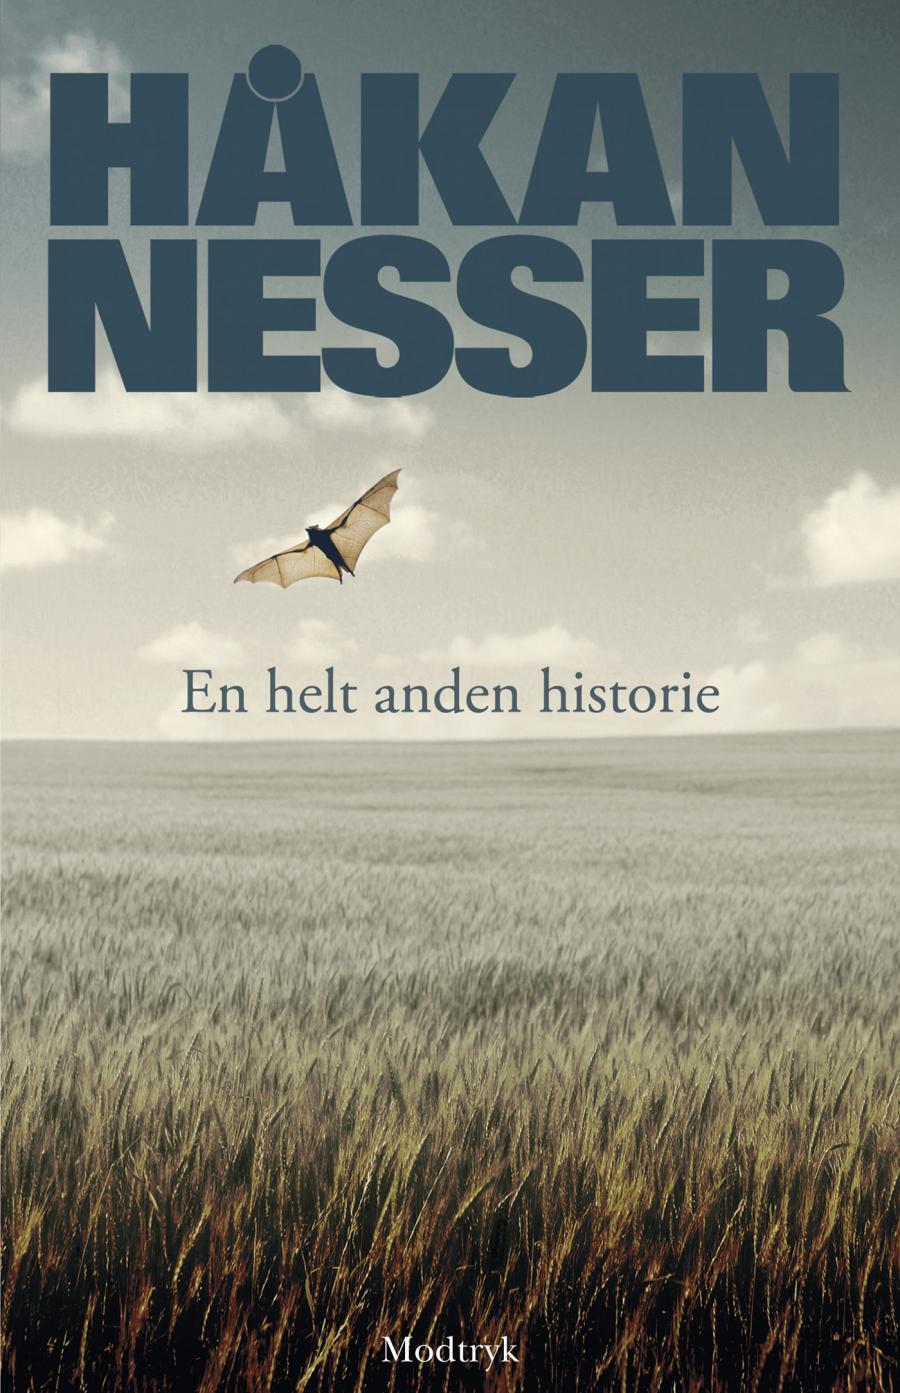 En helt anden historie af Håkan Nesser